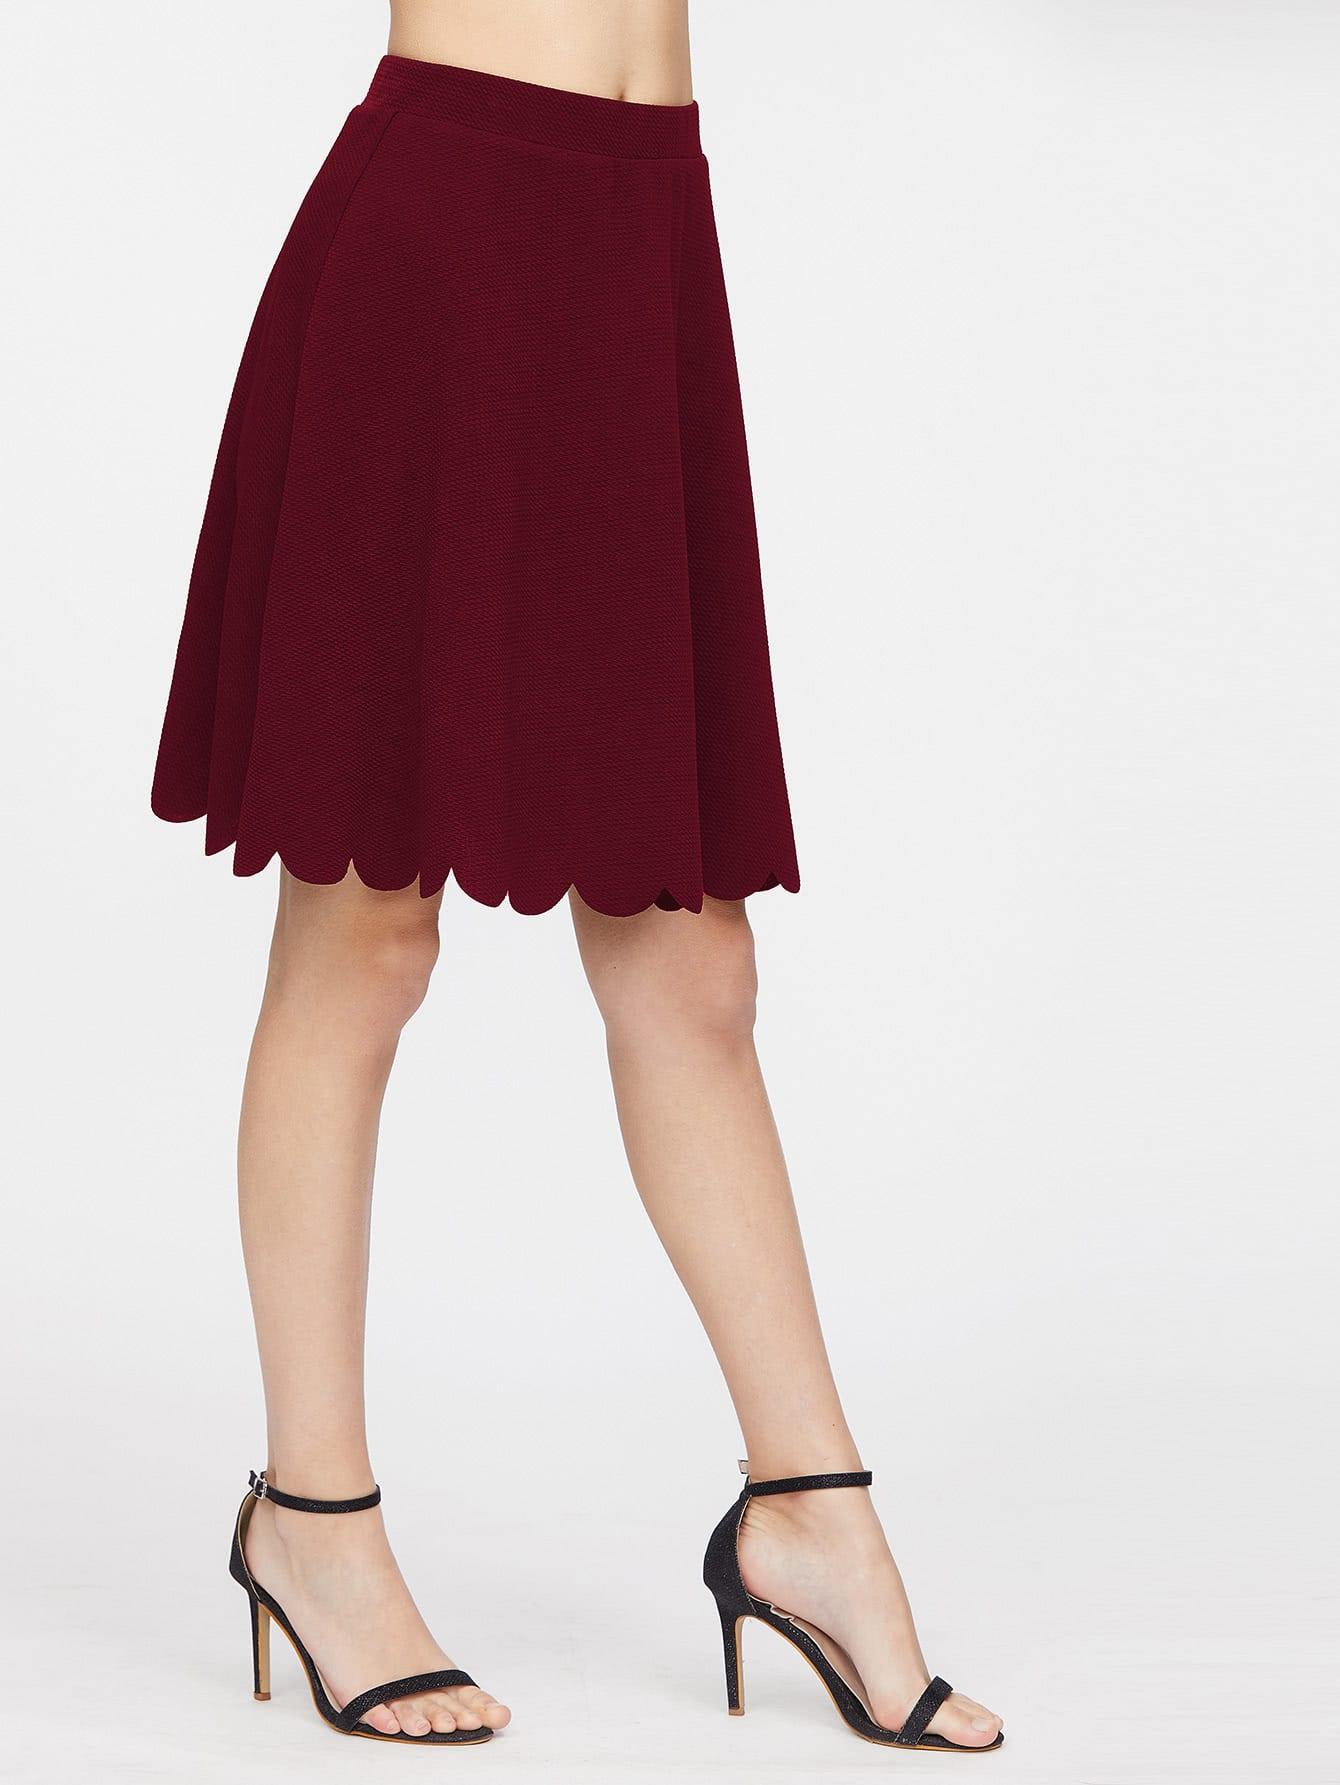 Elastic Waist Scallop Hem Textured Skirt elastic waist scallop ruffle hem pants